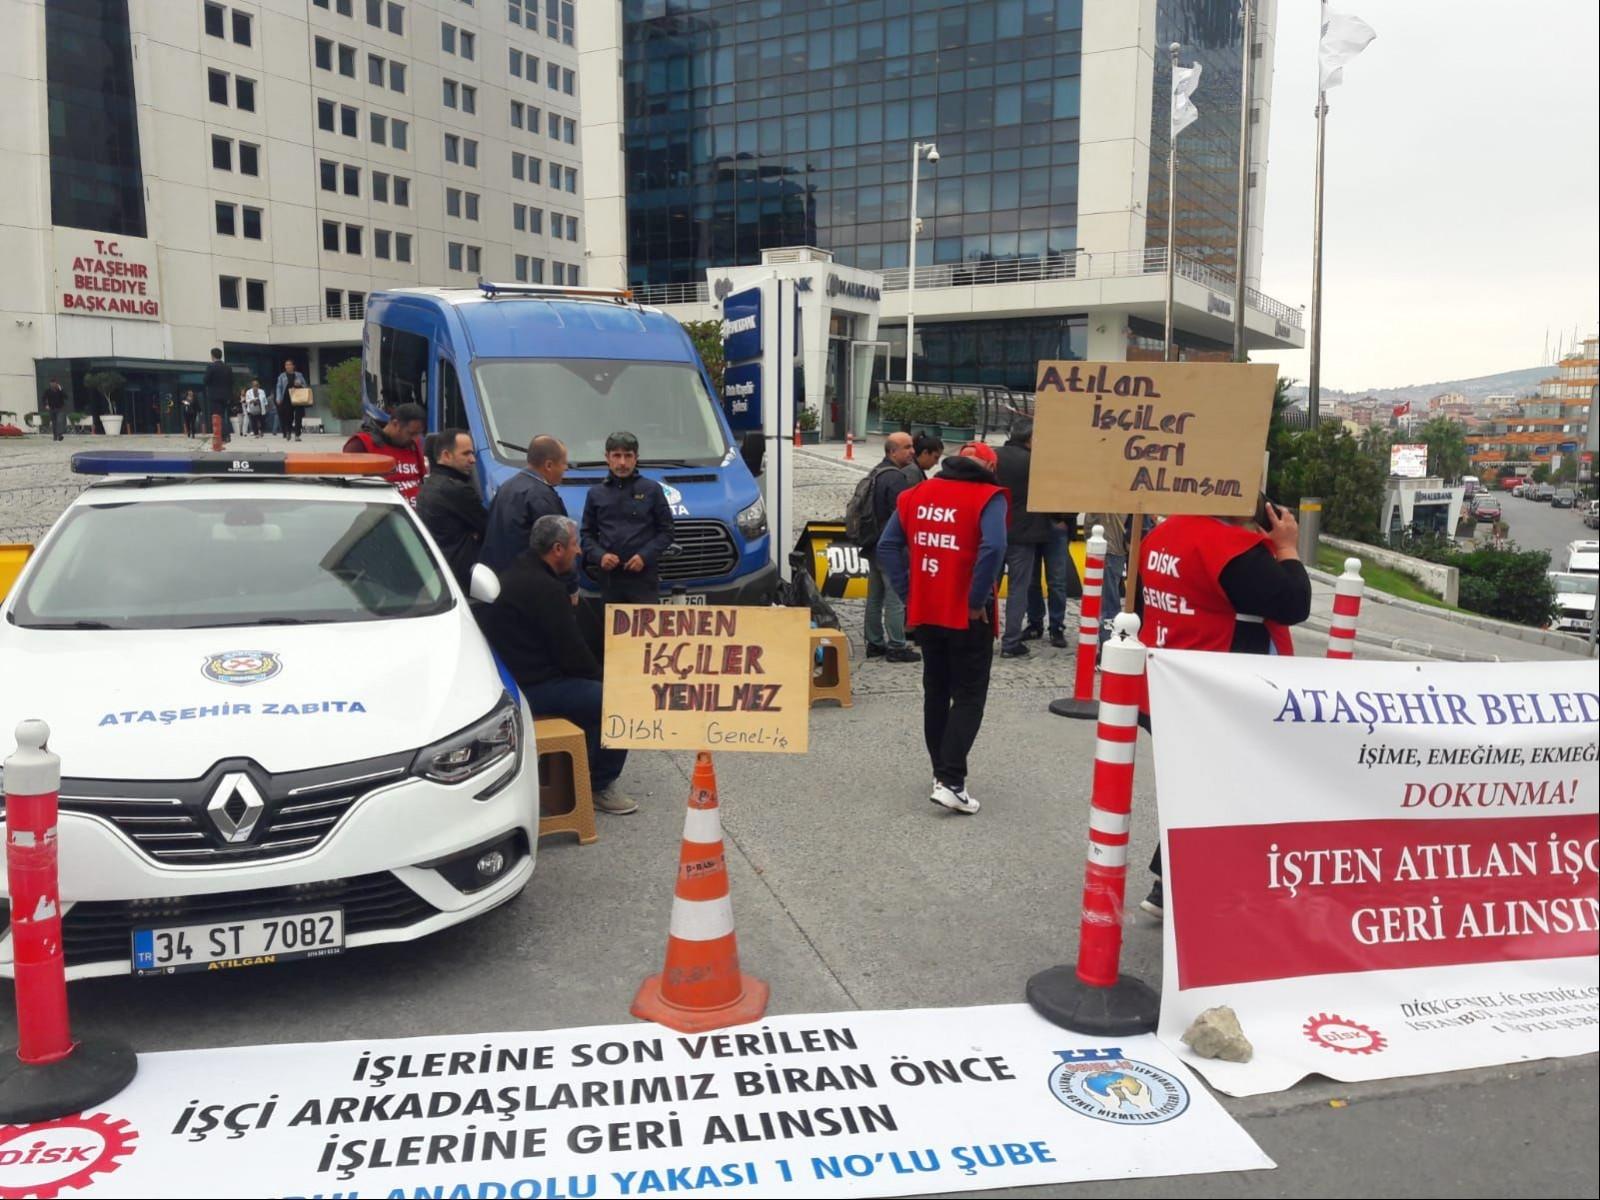 Ataşehir Belediyesi önünde işten atmalara karşı direniş sürüyor